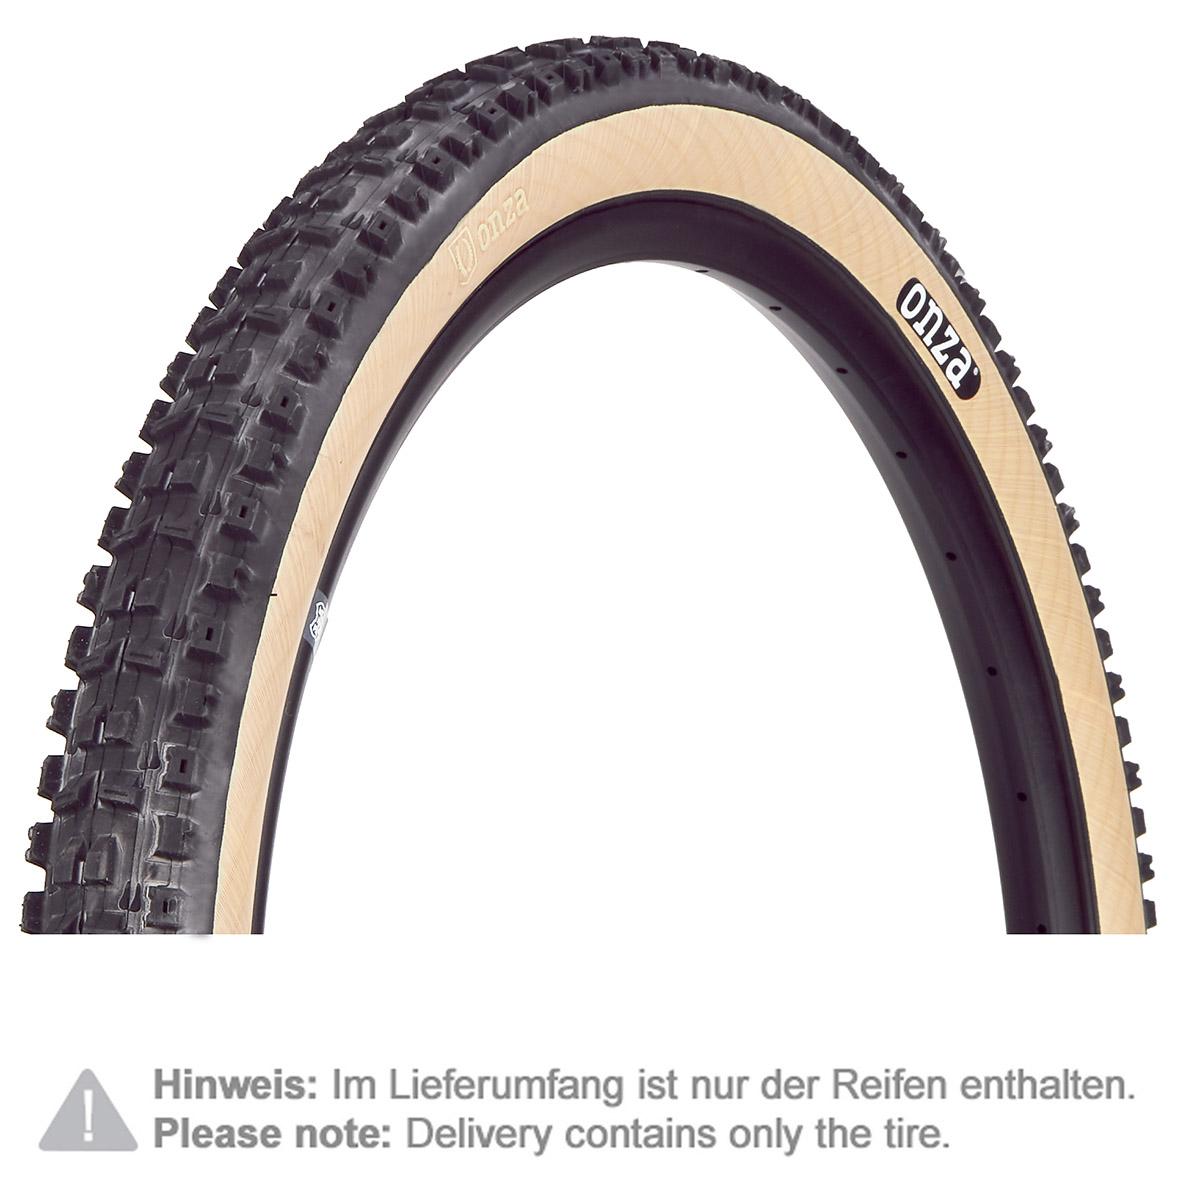 Onza MTB-Reifen Ibex, Einheitsgröße, Schwarz